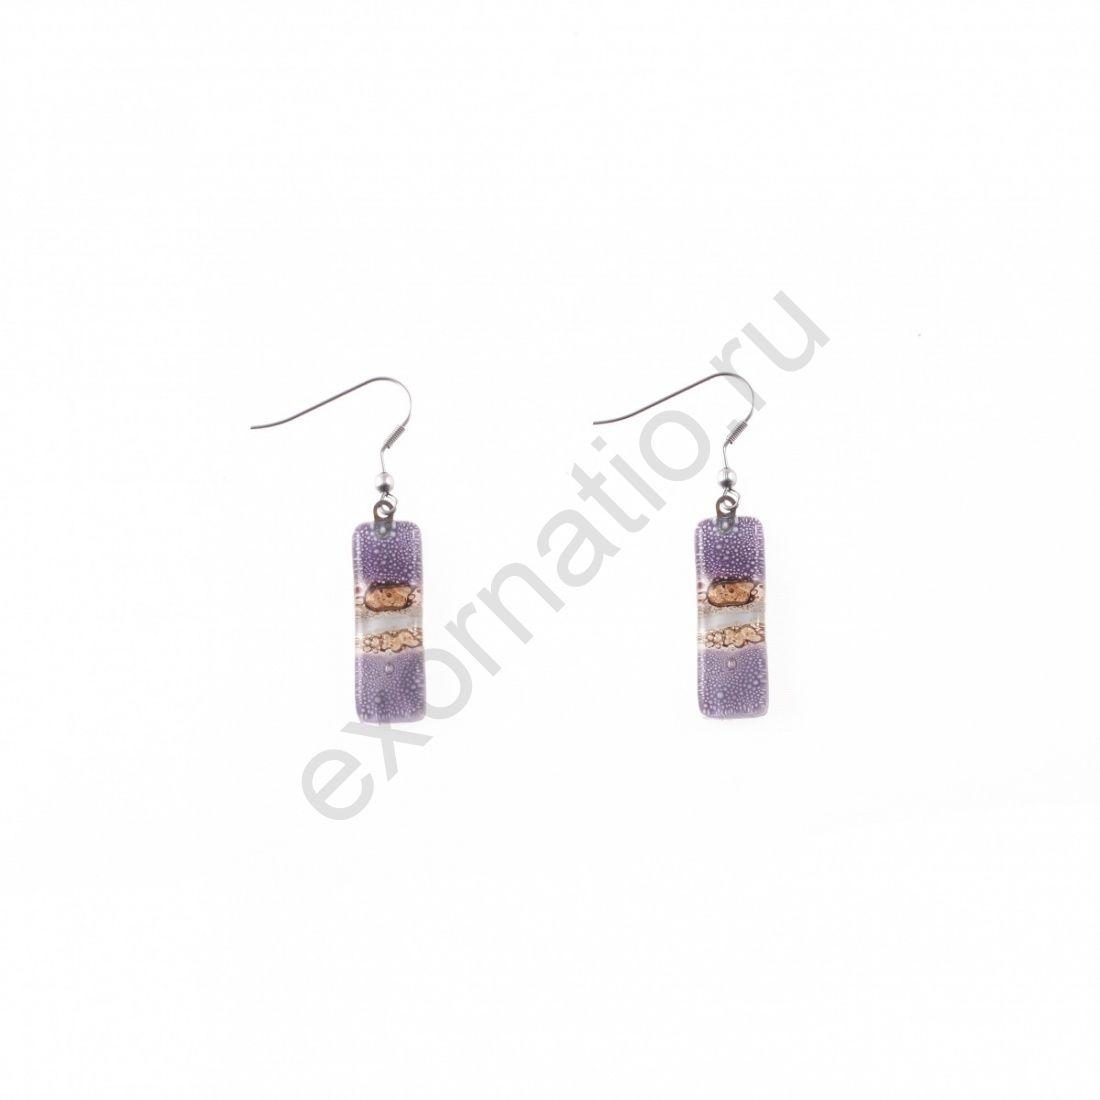 Серьги Cristalida *EBel 64 V